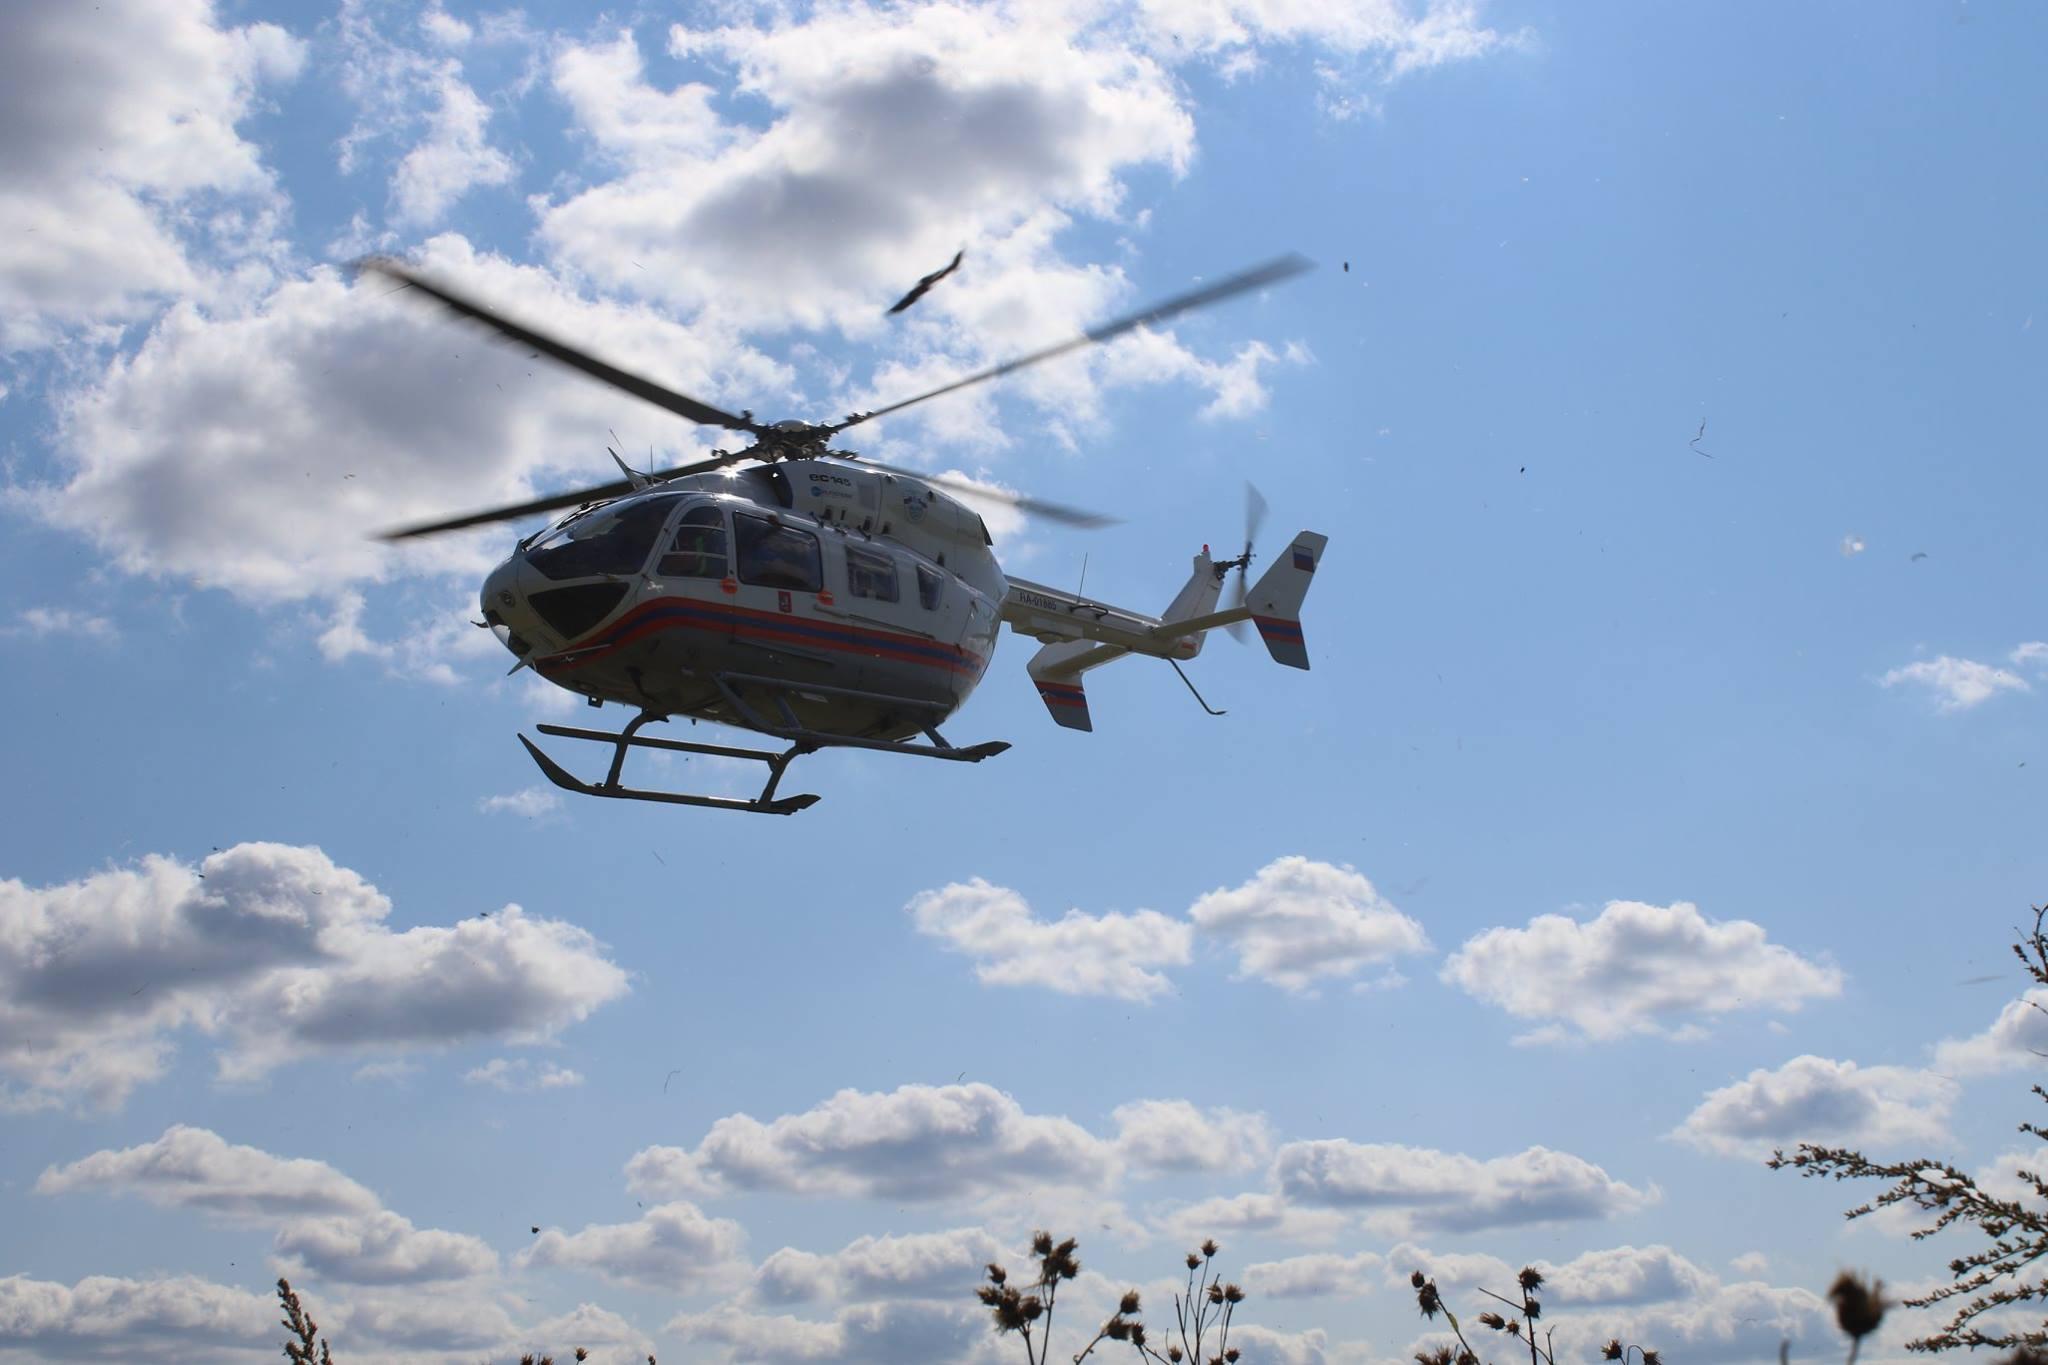 Санитарный вертолёт Московского авиационного центра вылетел в Крекшино для эвакуации пострадавшего